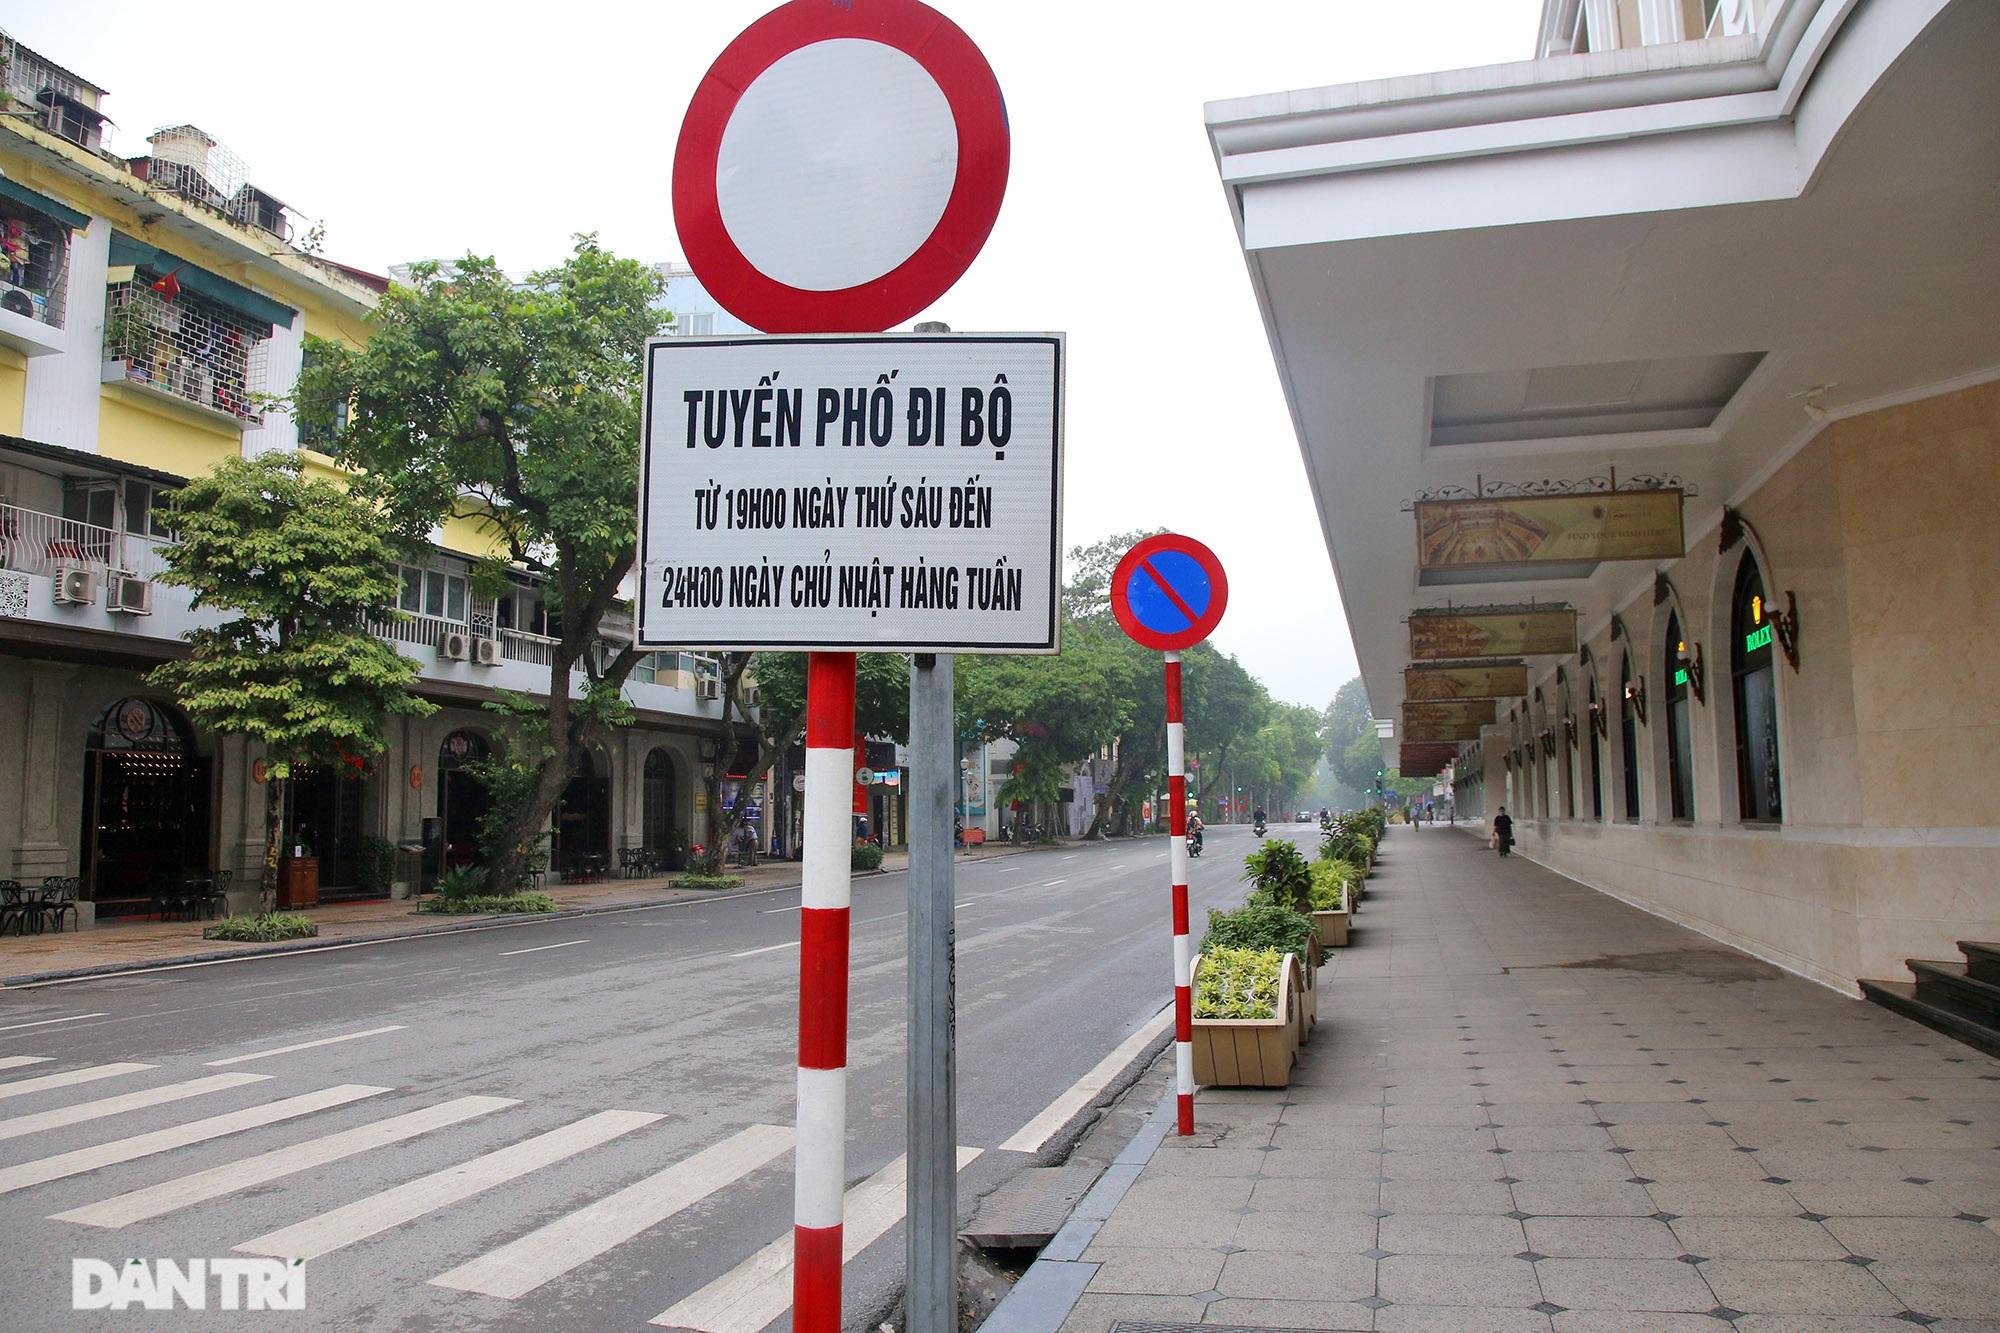 Lo ngại dịch bệnh Covid-19 lây lan, người dân Hà Nội cố thủ trong nhà - 8